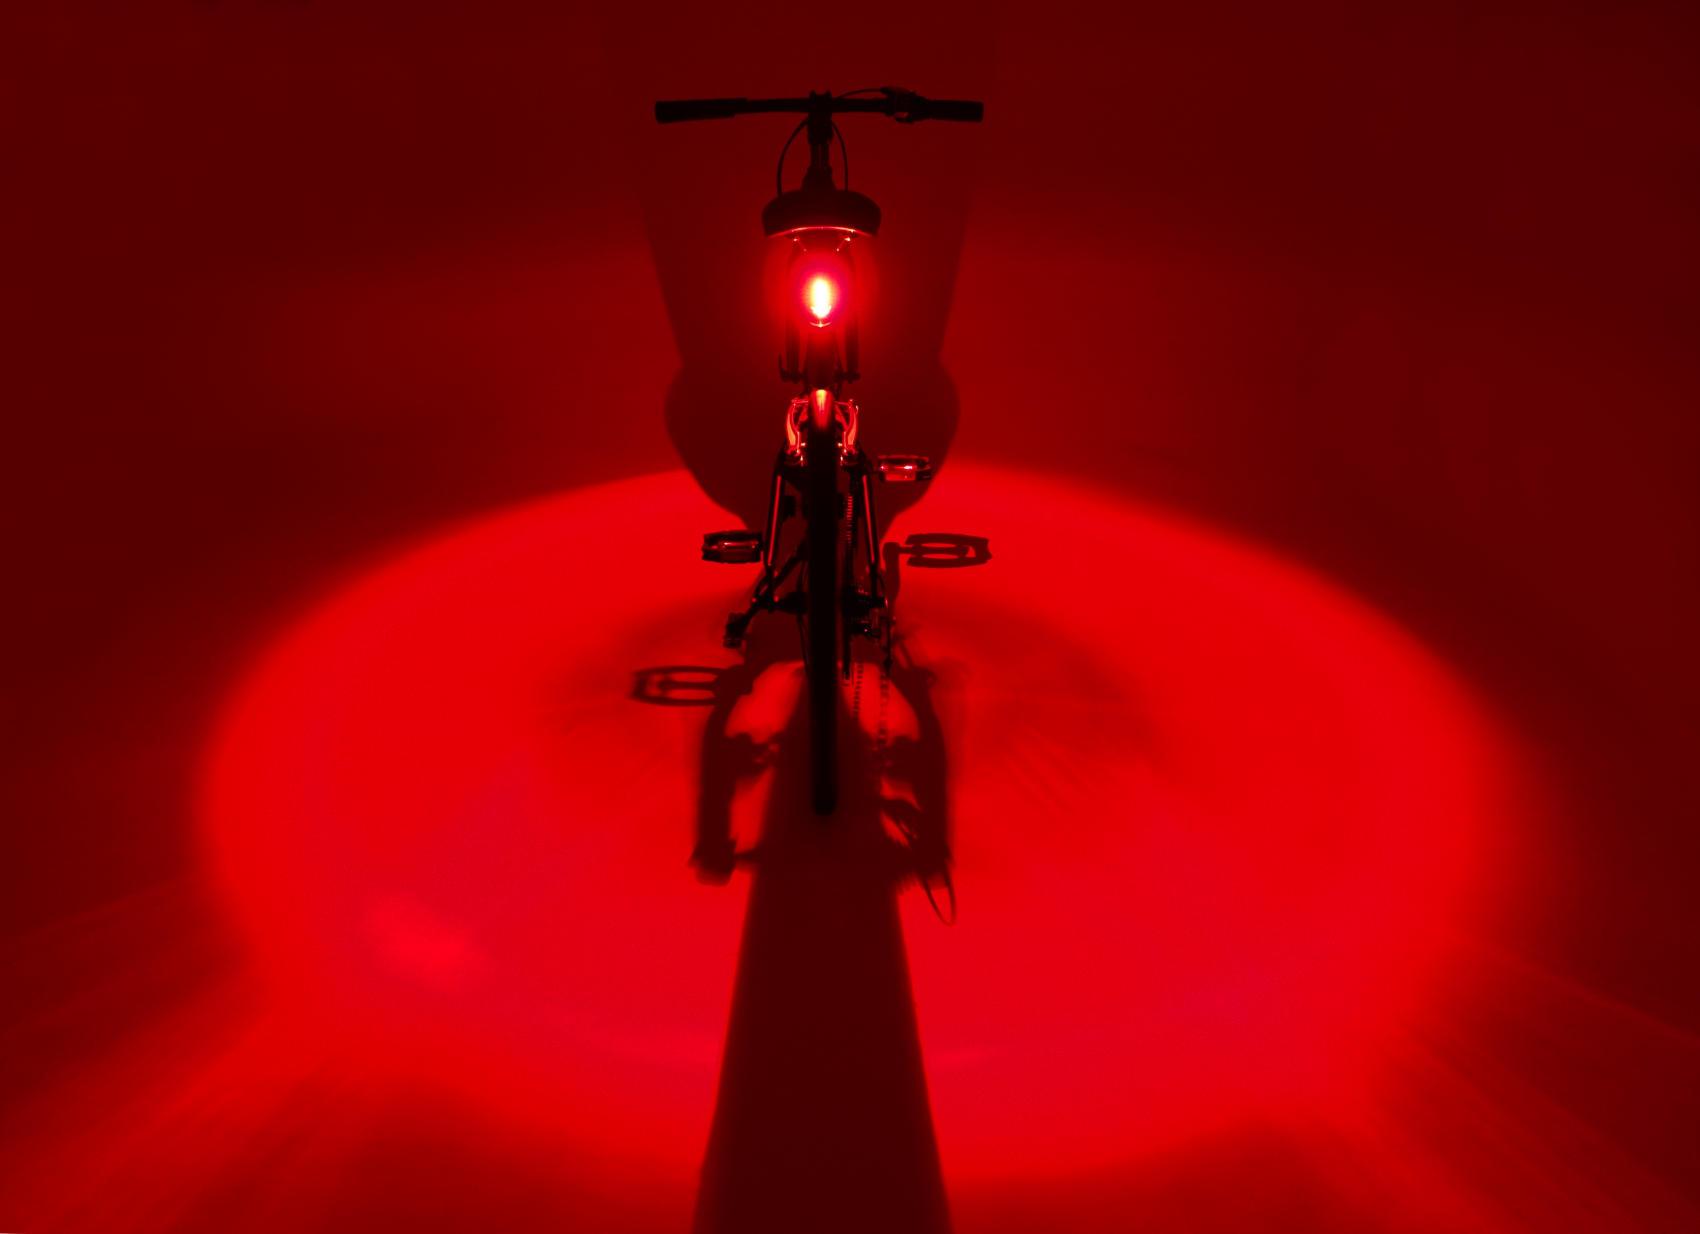 LightCircle mit Ladekabel